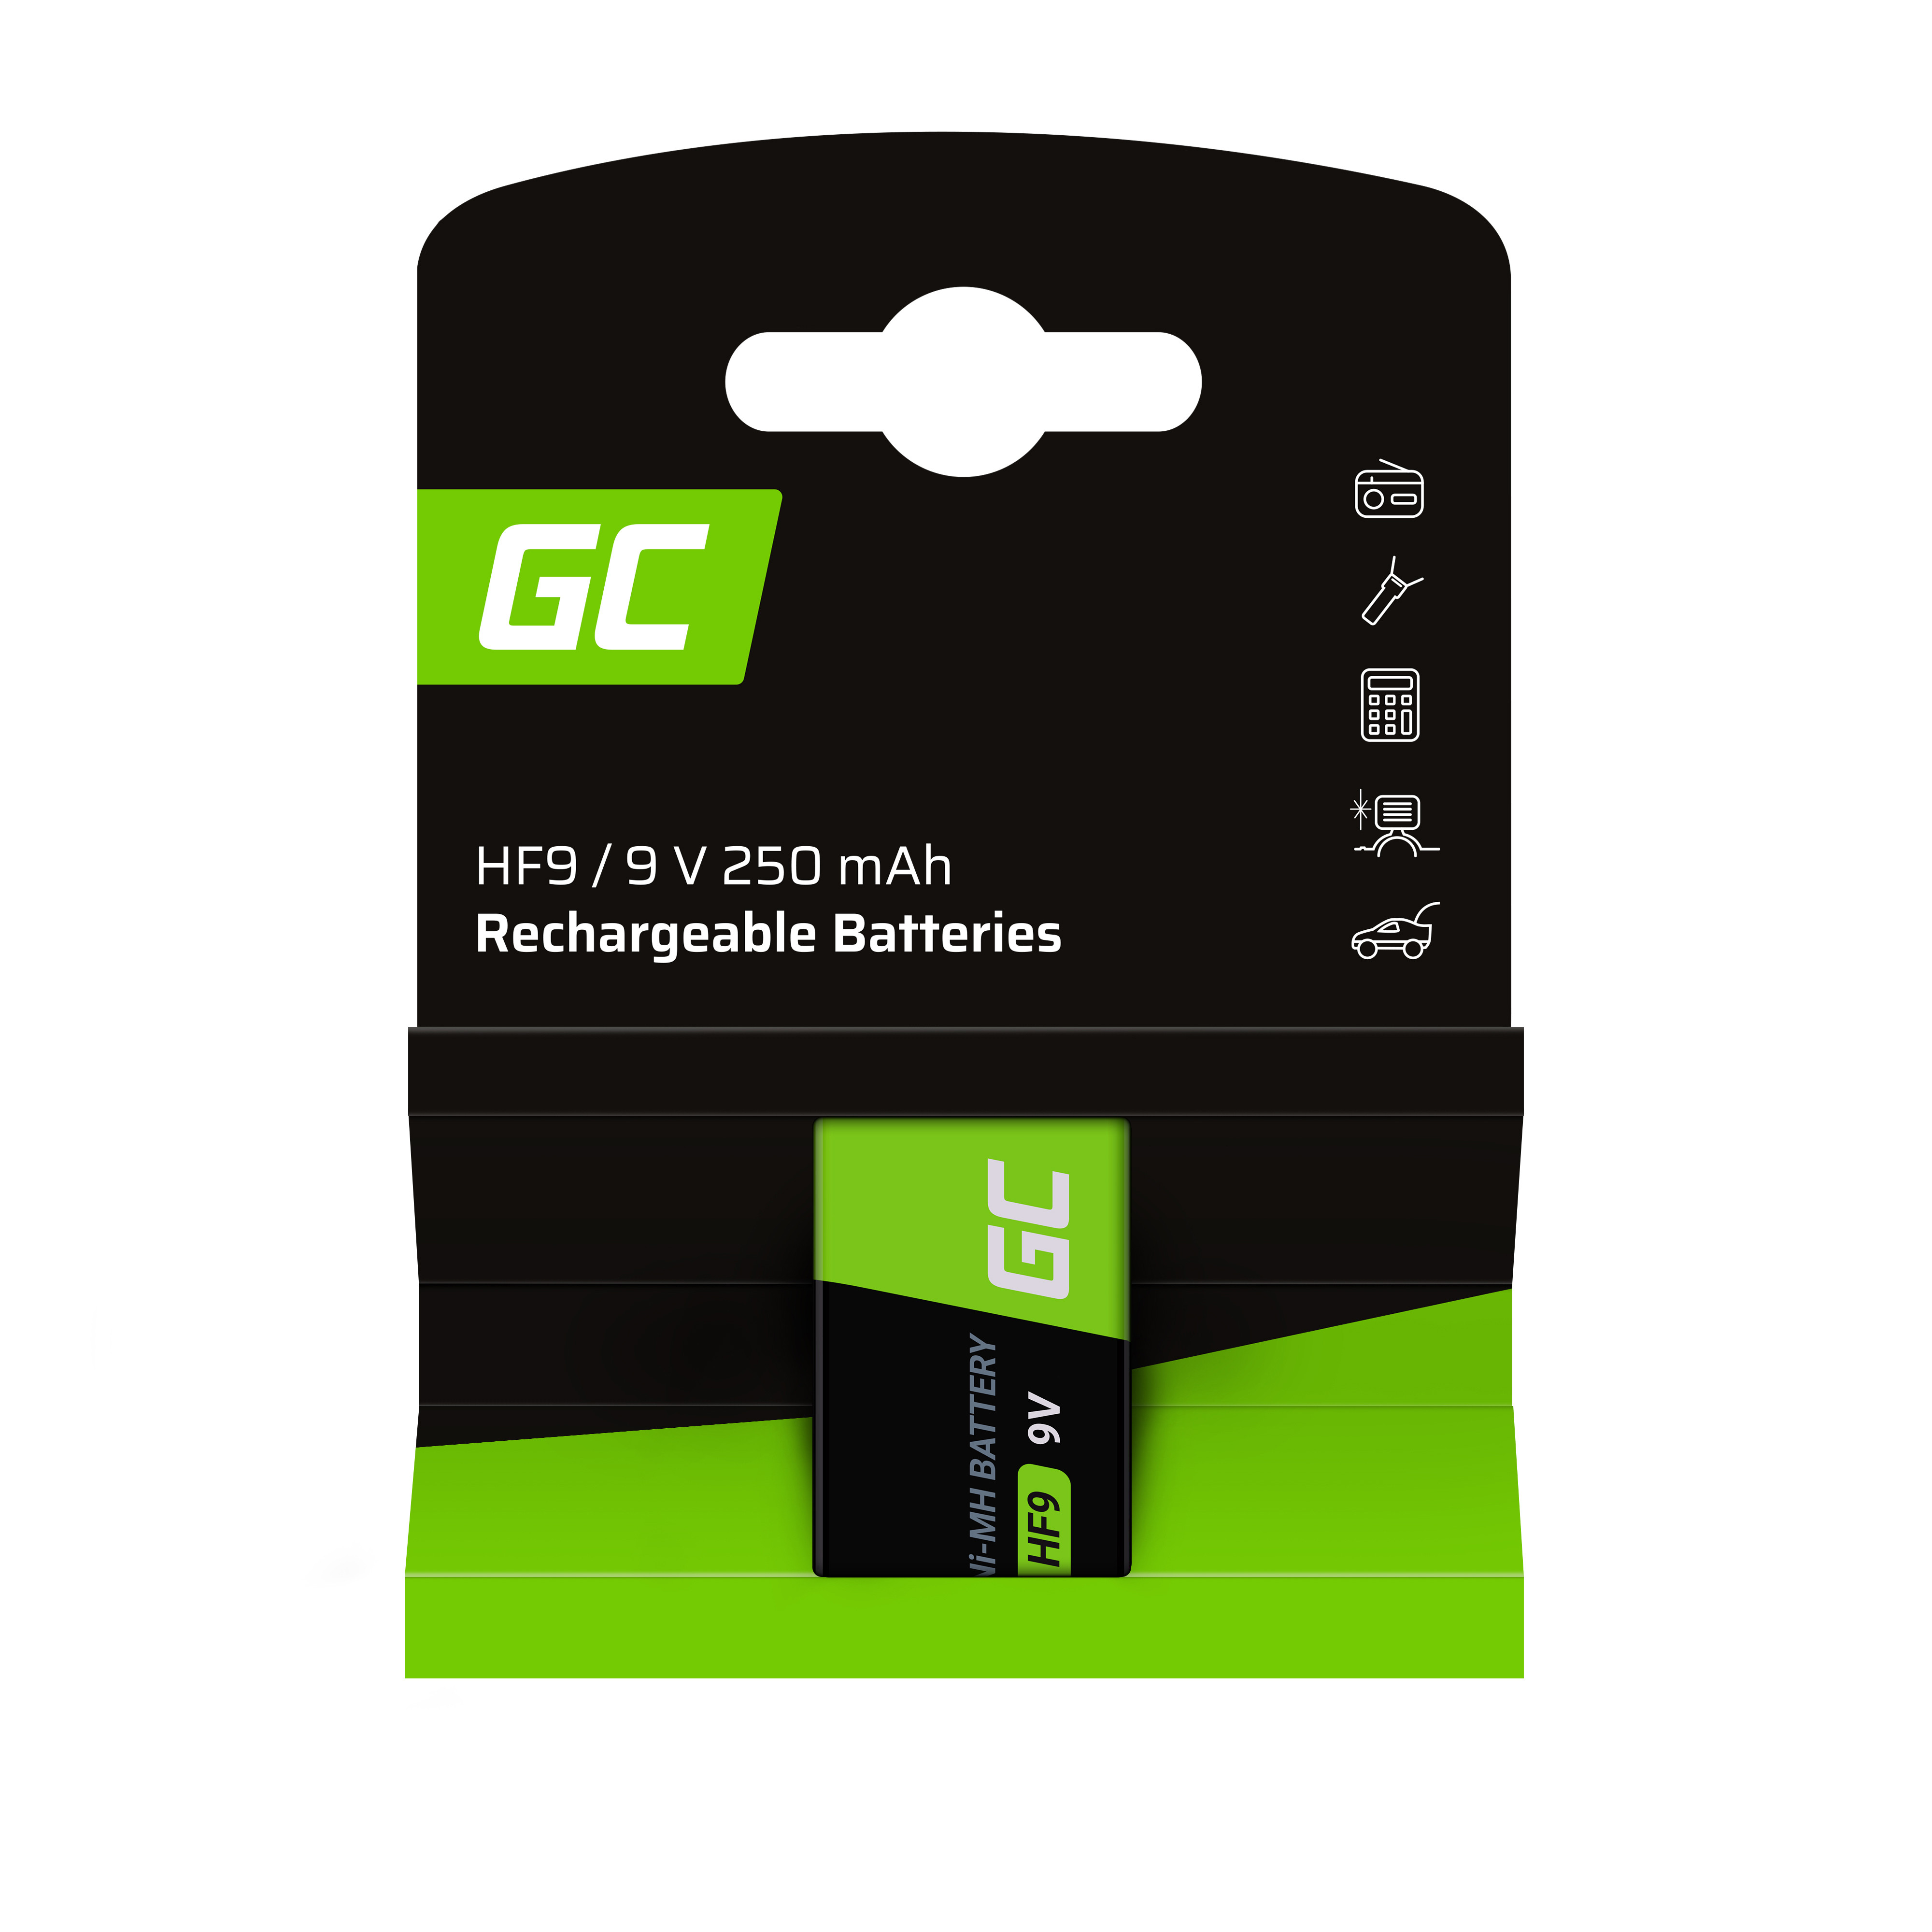 Batteri 1x 9V HF9 Ni-MH 250mAh Grön Cell